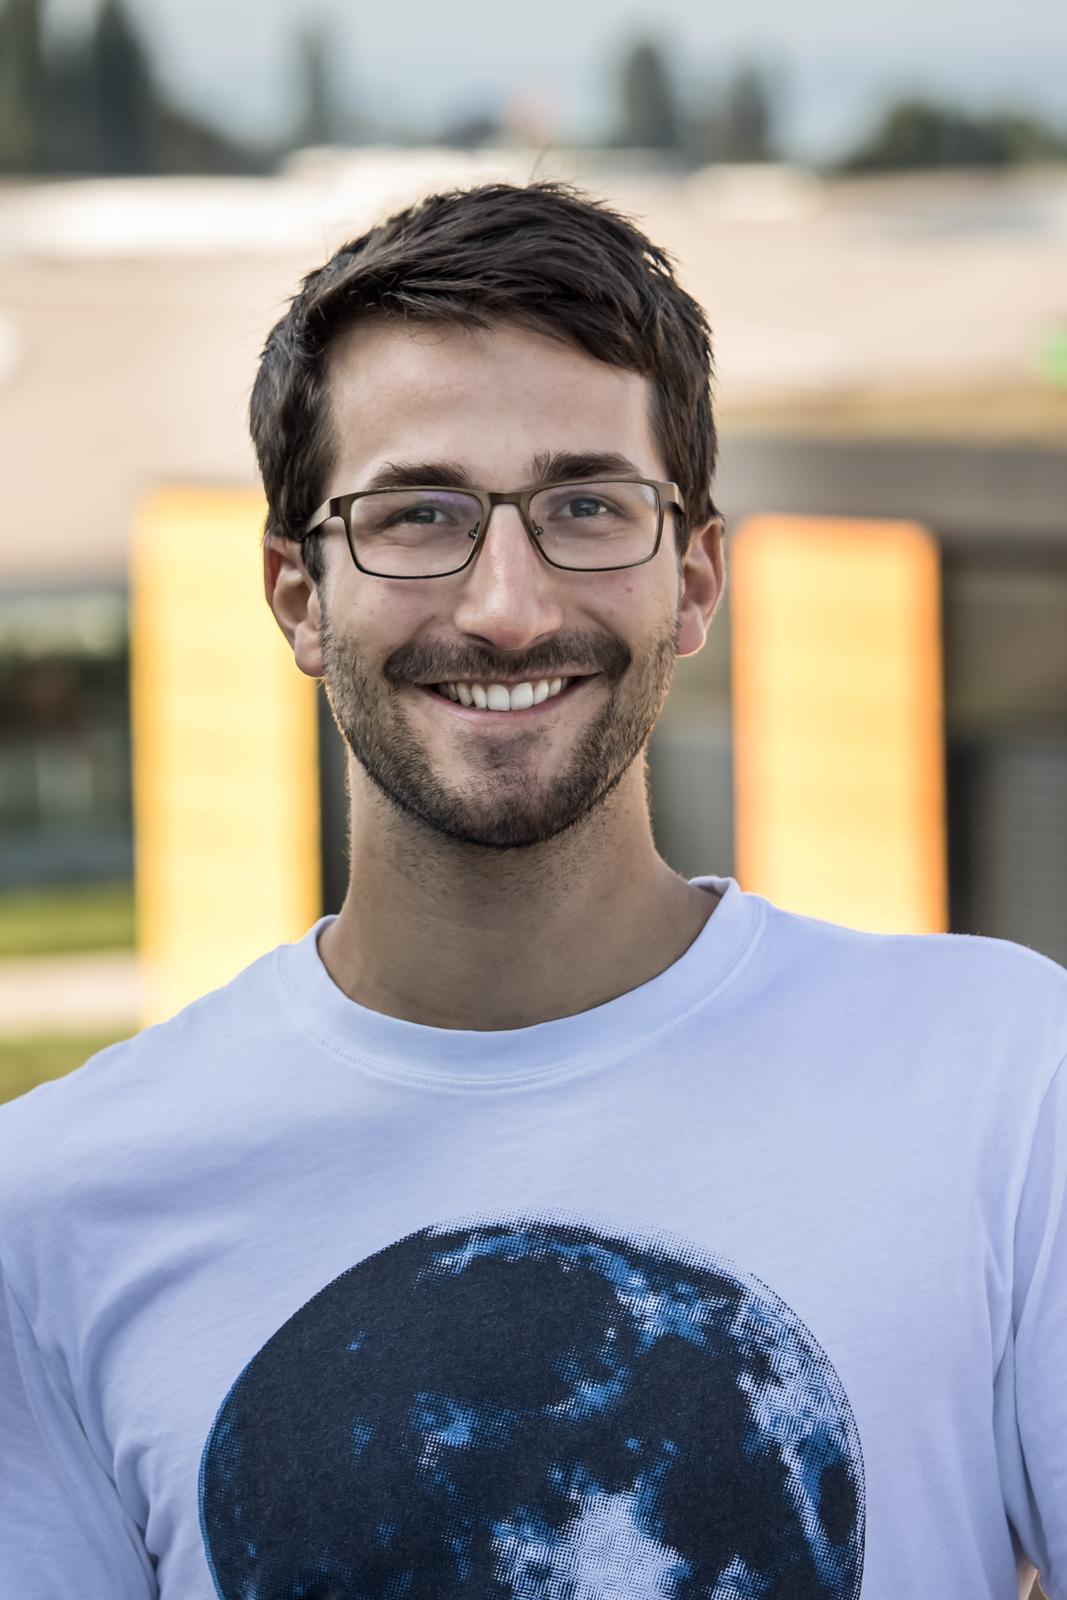 Adam Eördögh